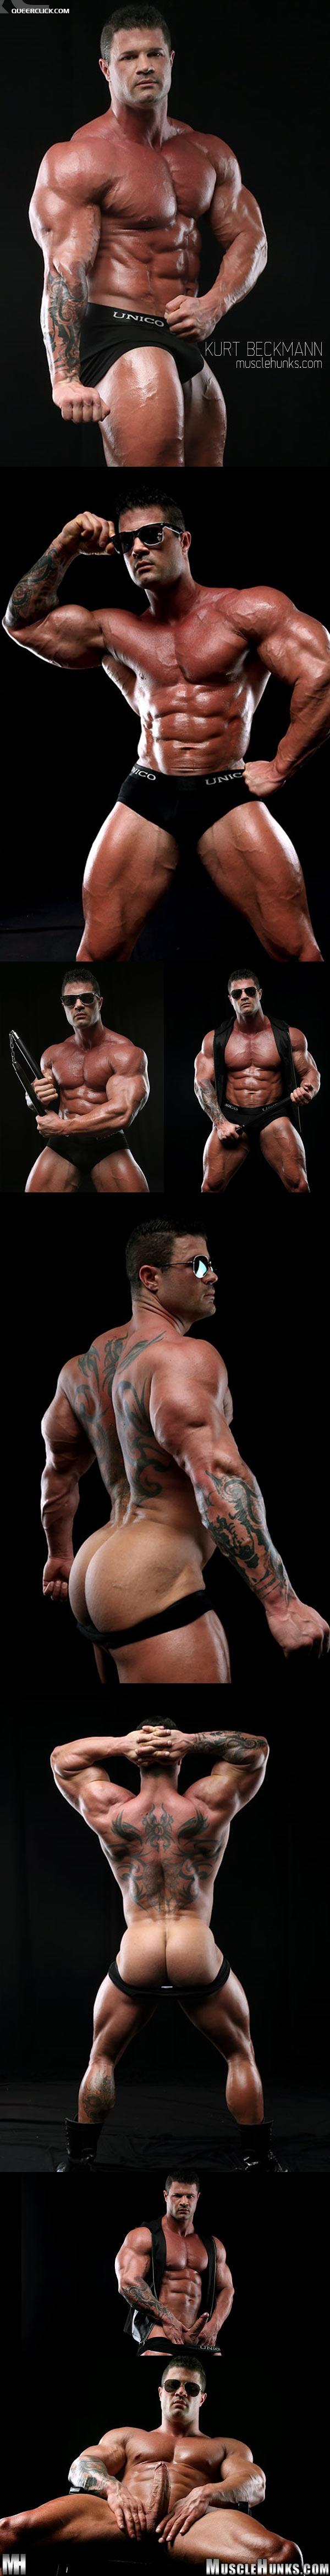 muscle hunks kurt beckmann